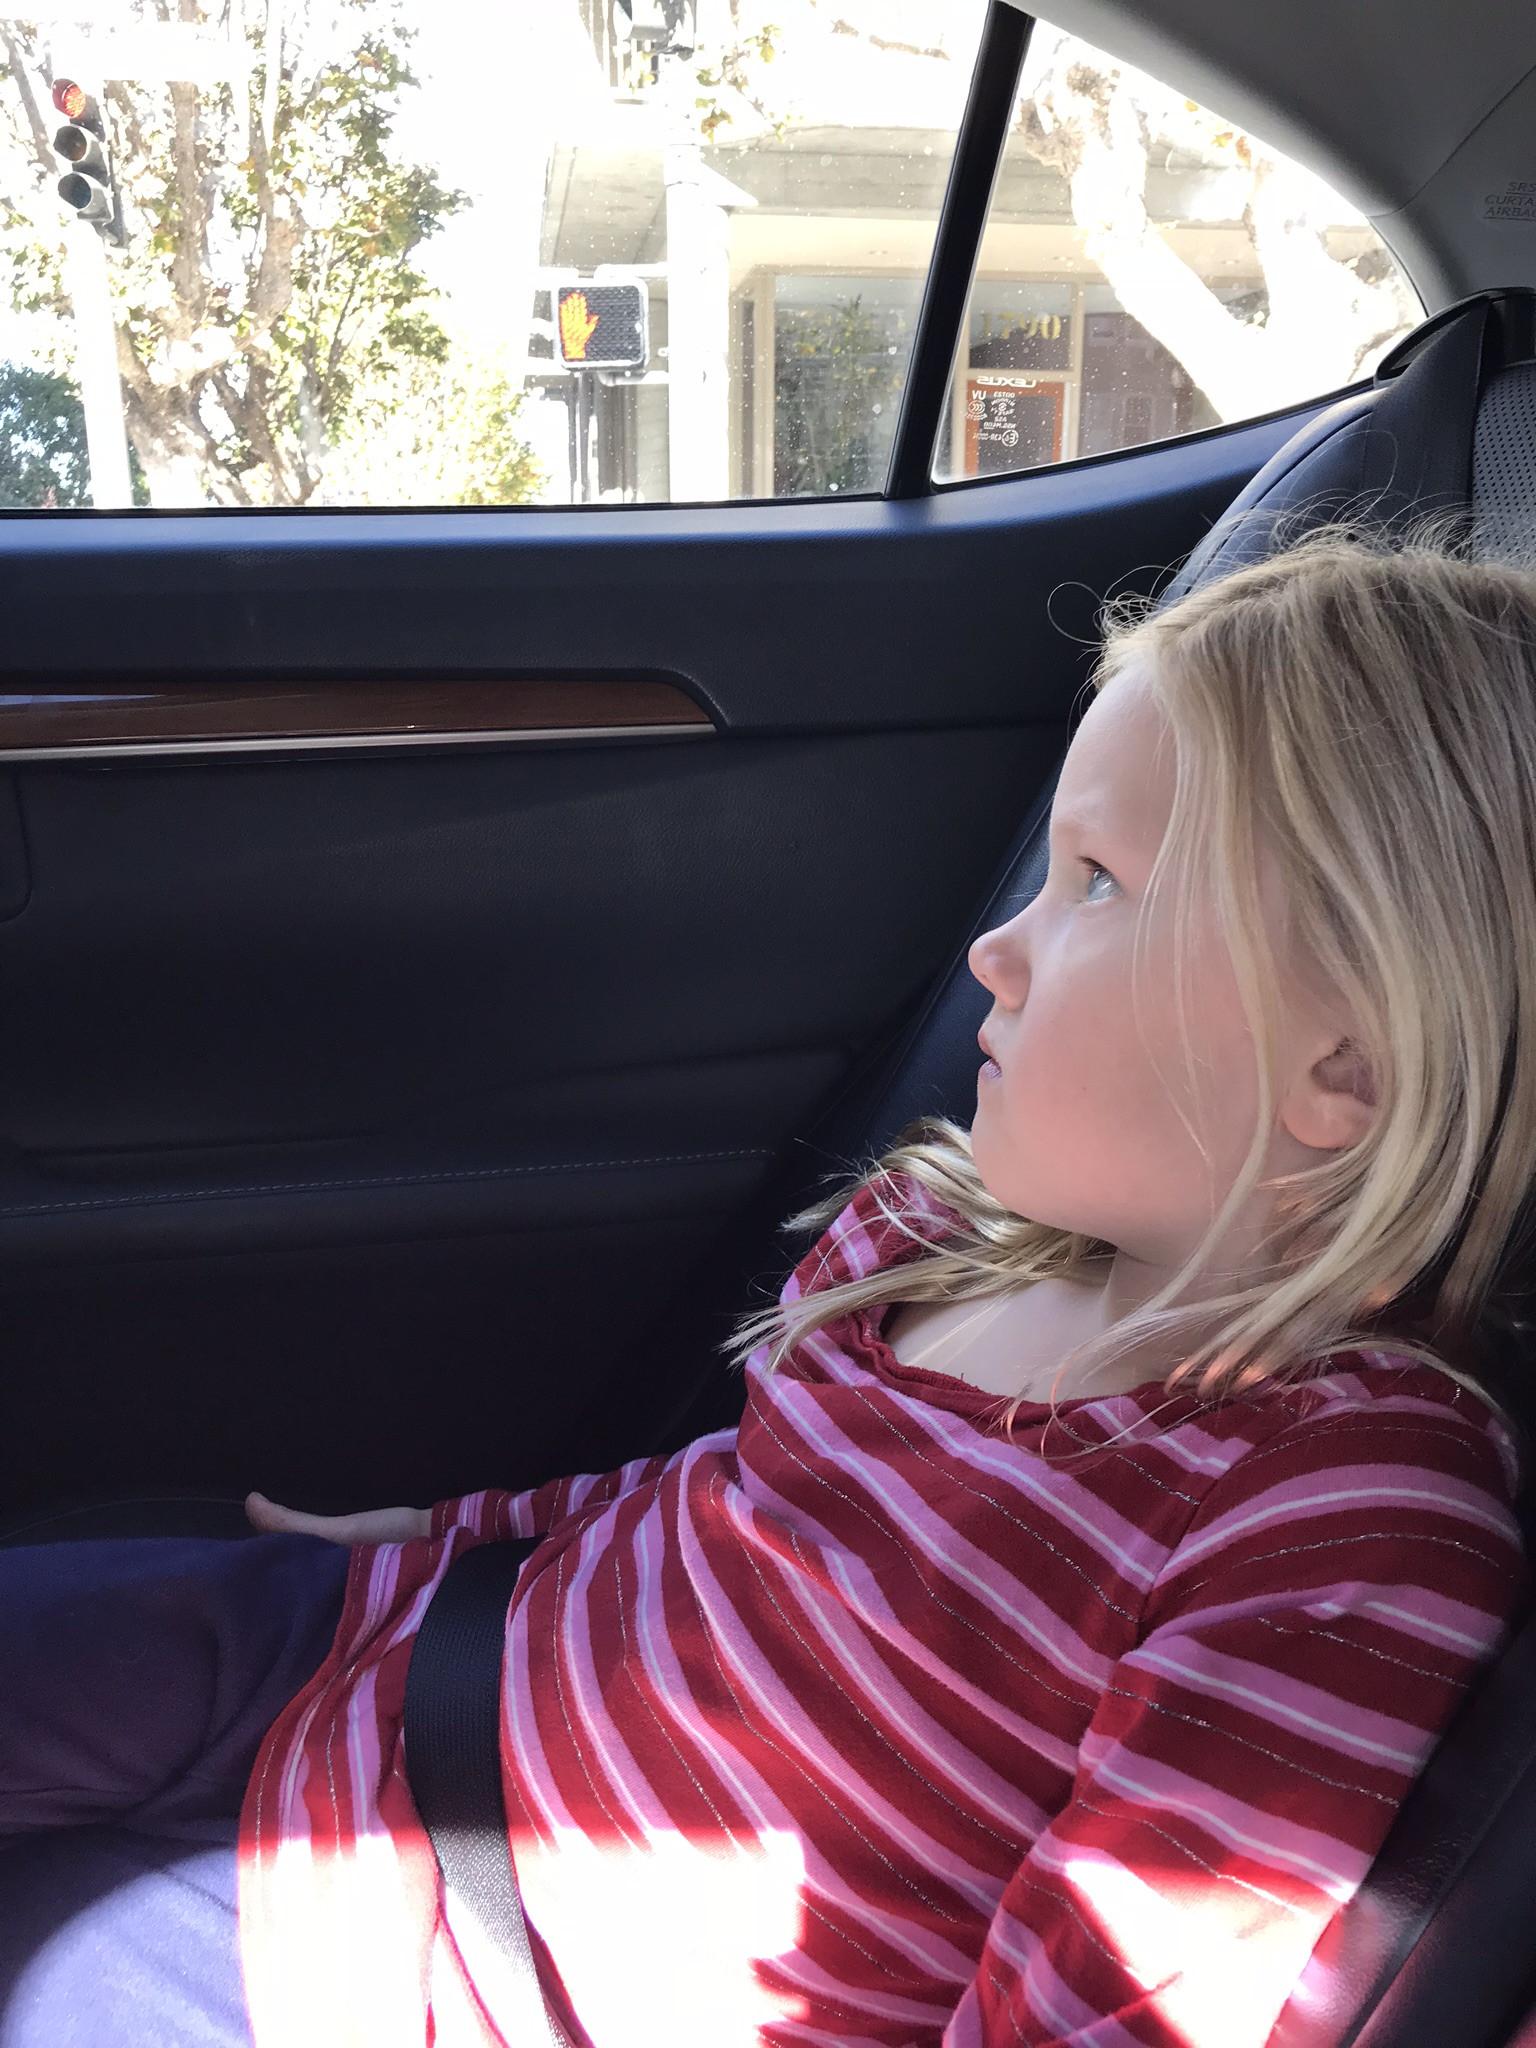 little girl in an uber ride